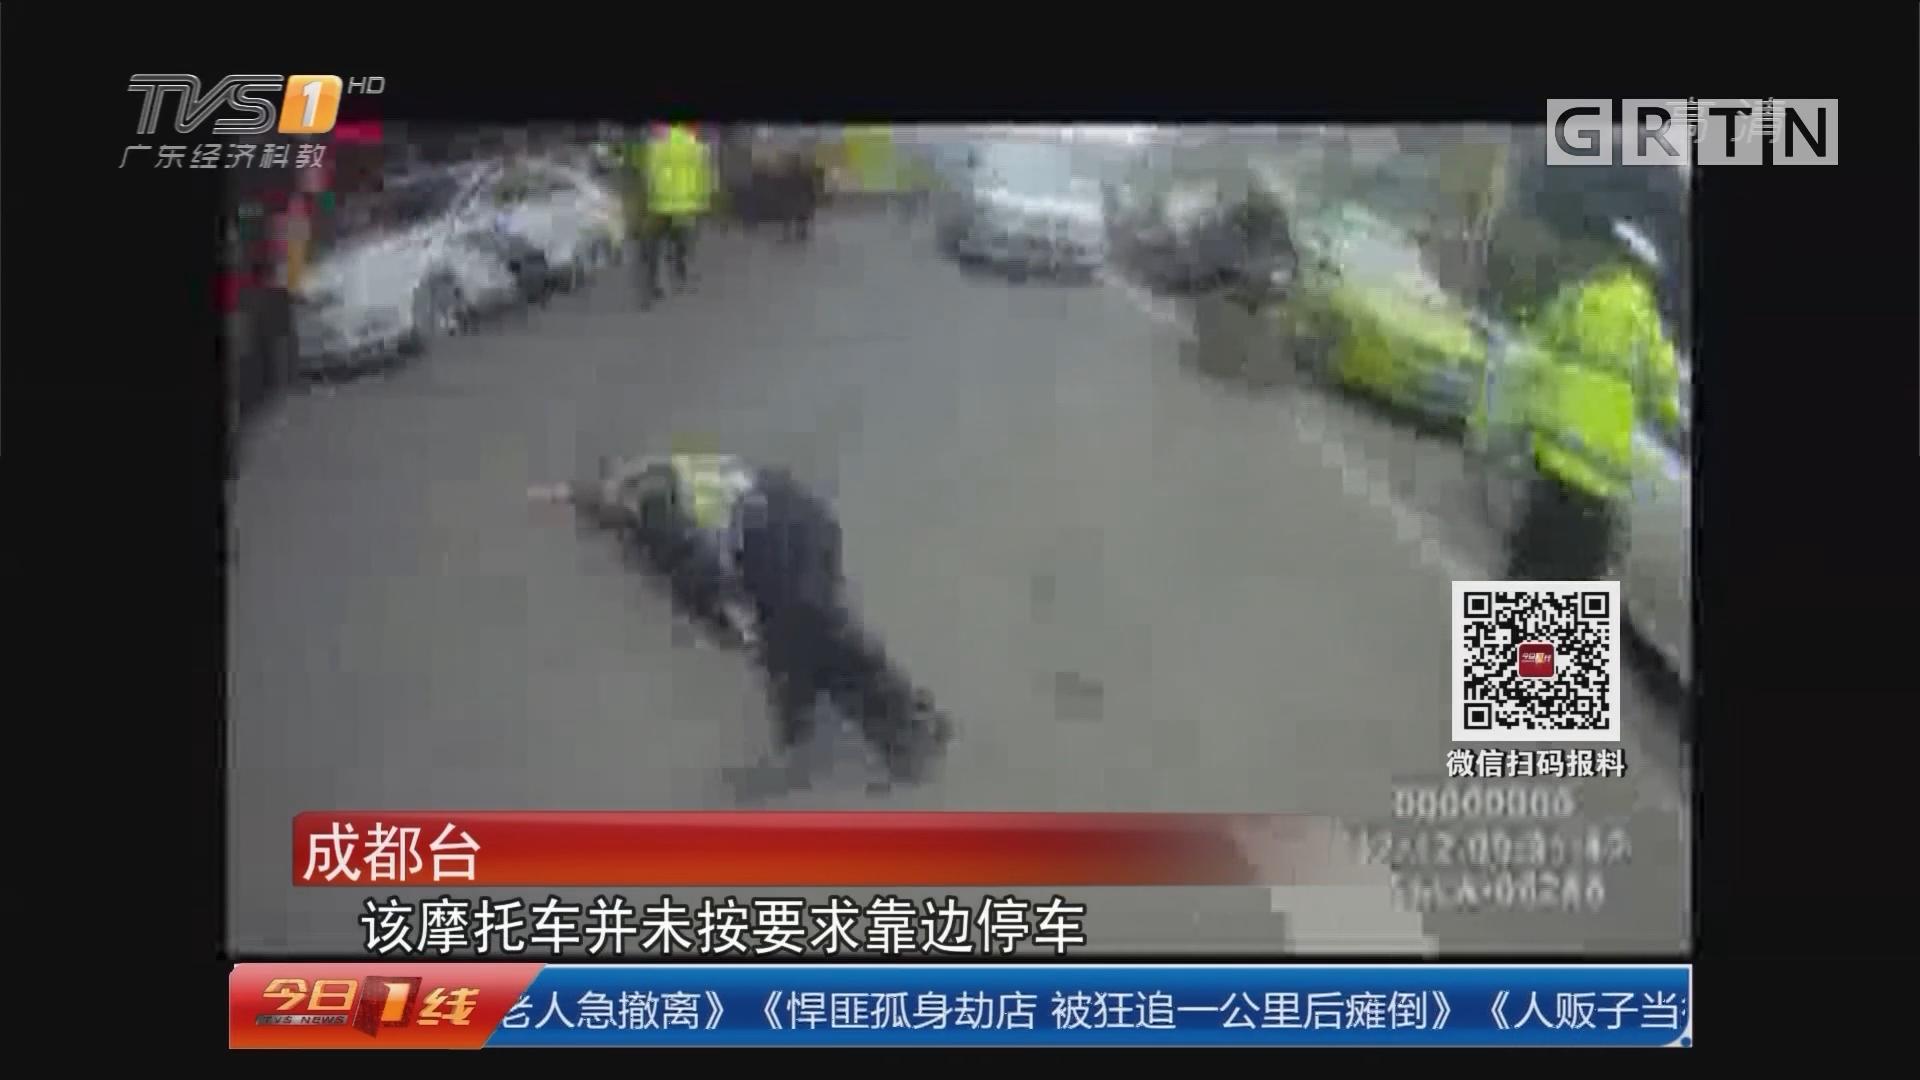 成都:司机拒查撞交警 车主被刑拘